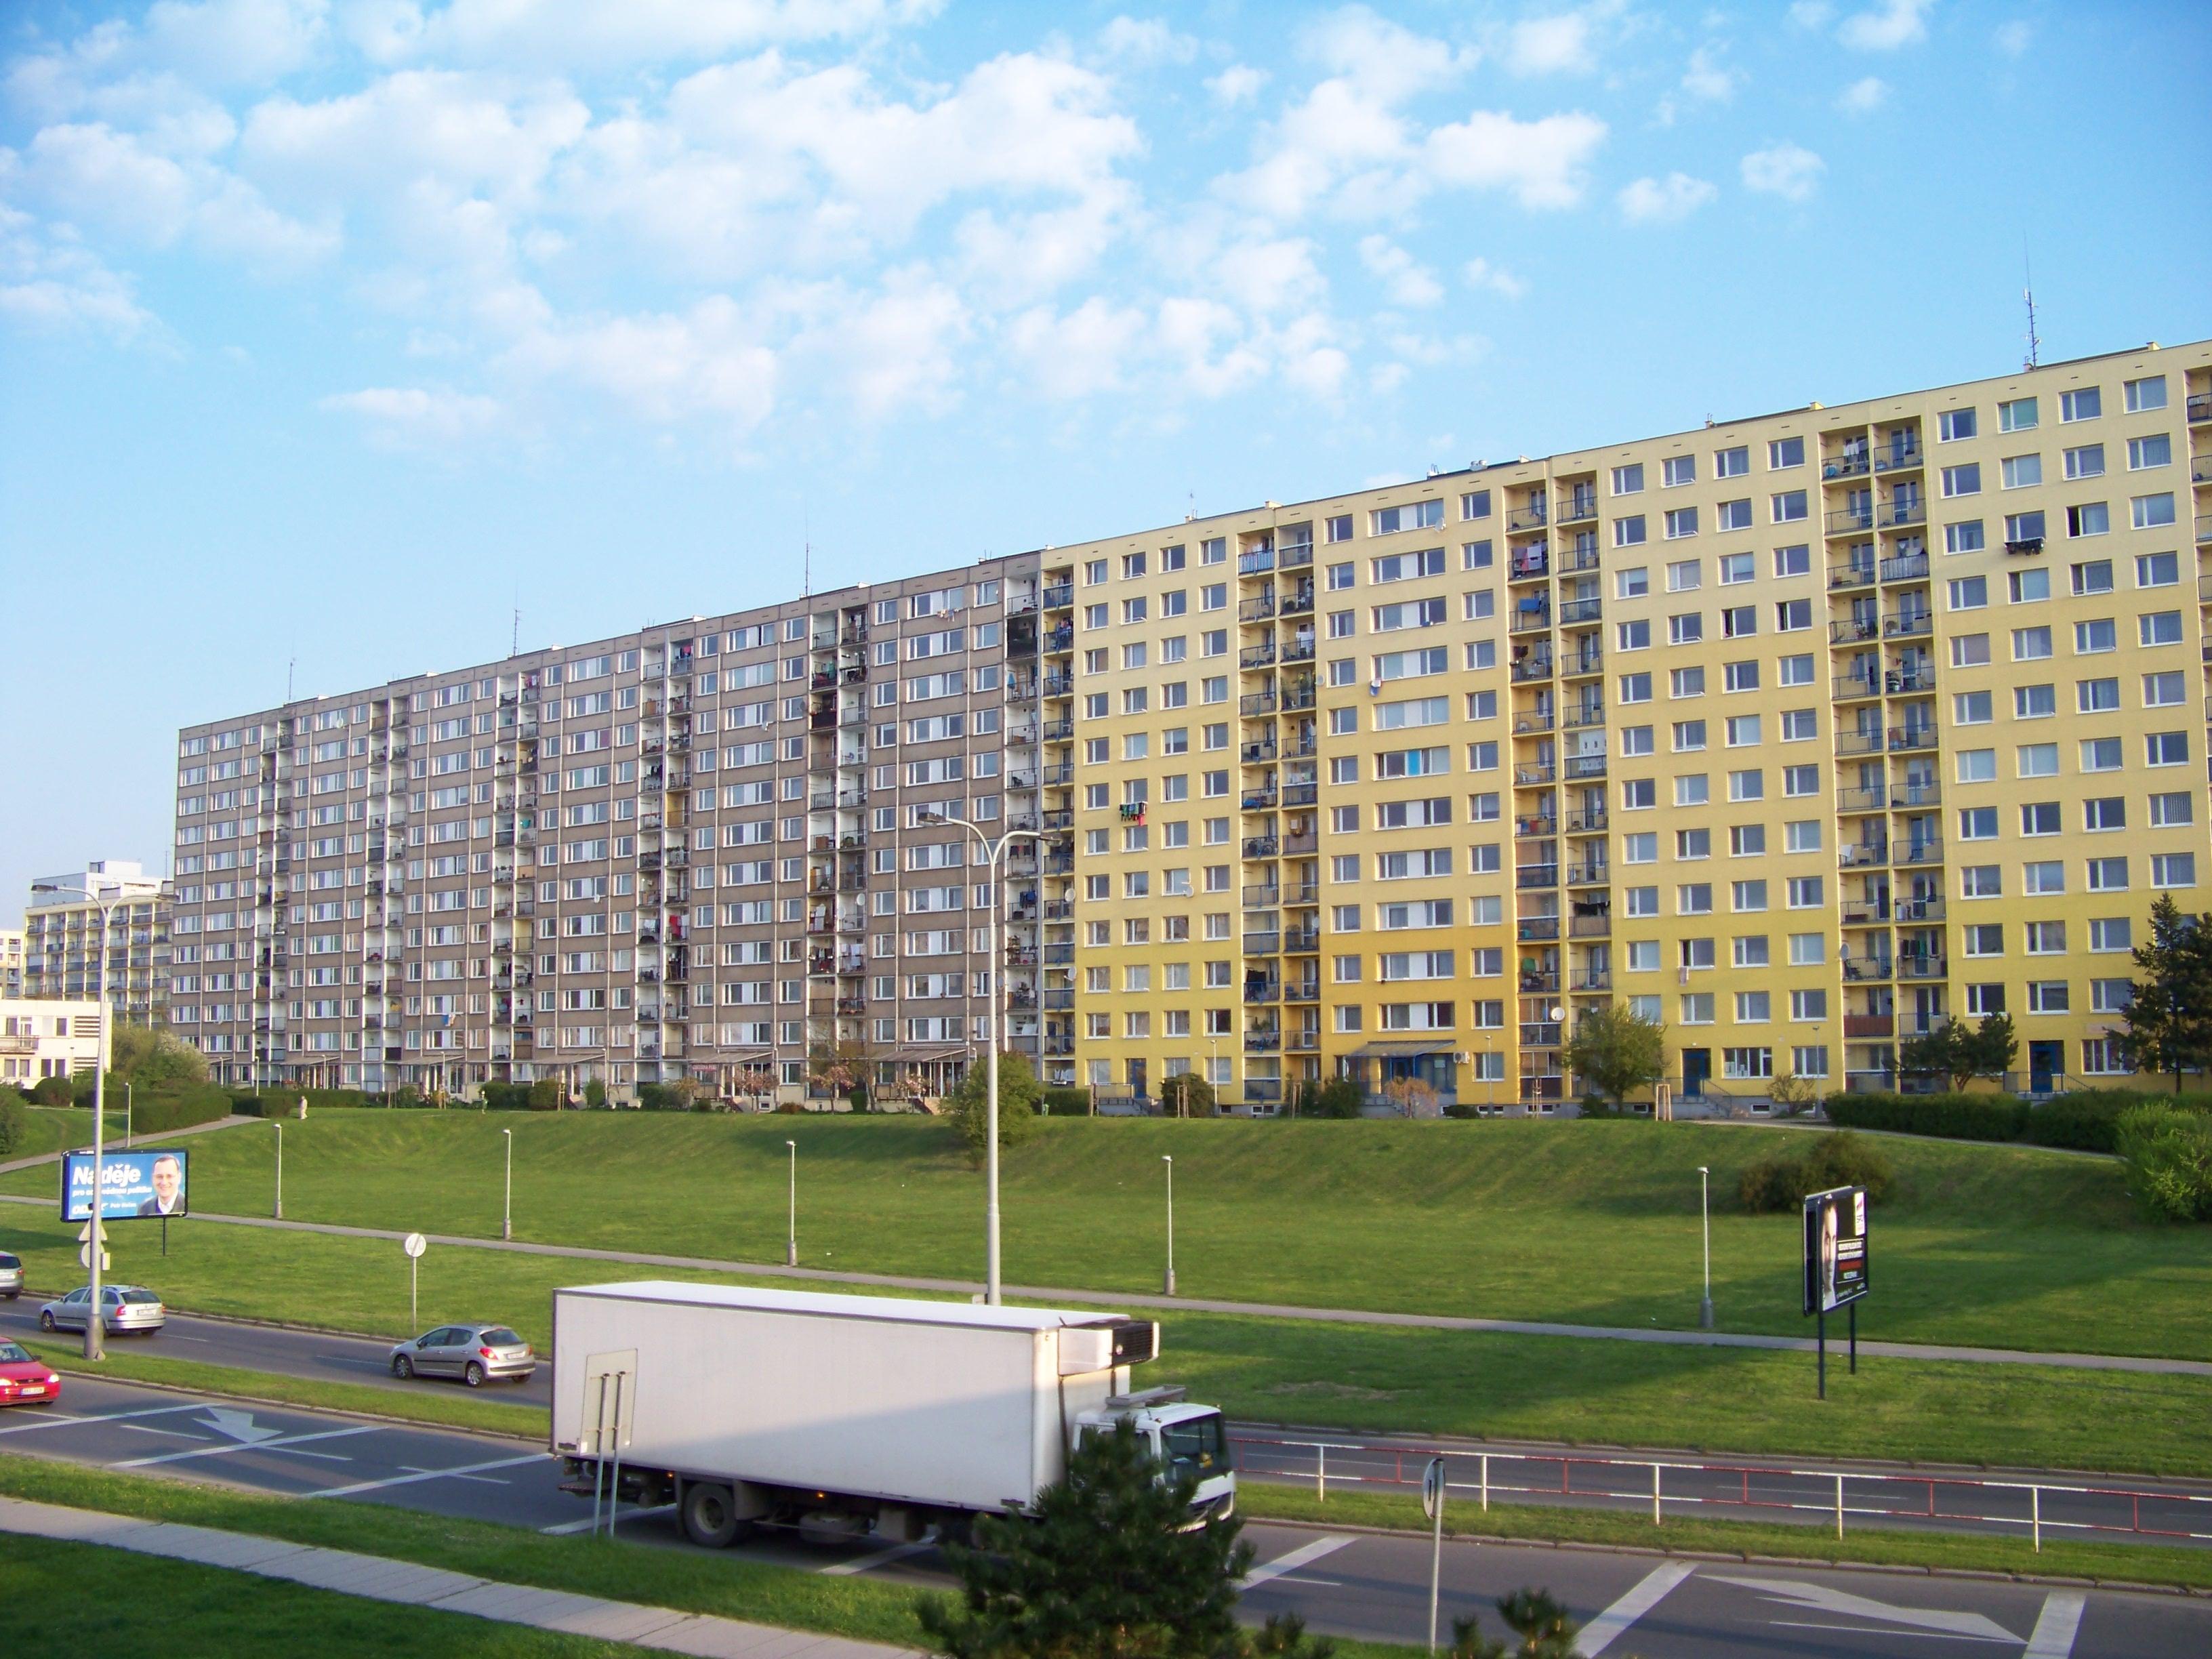 Budovy sú nevyužitým zdrojom rozvoja Slovenska